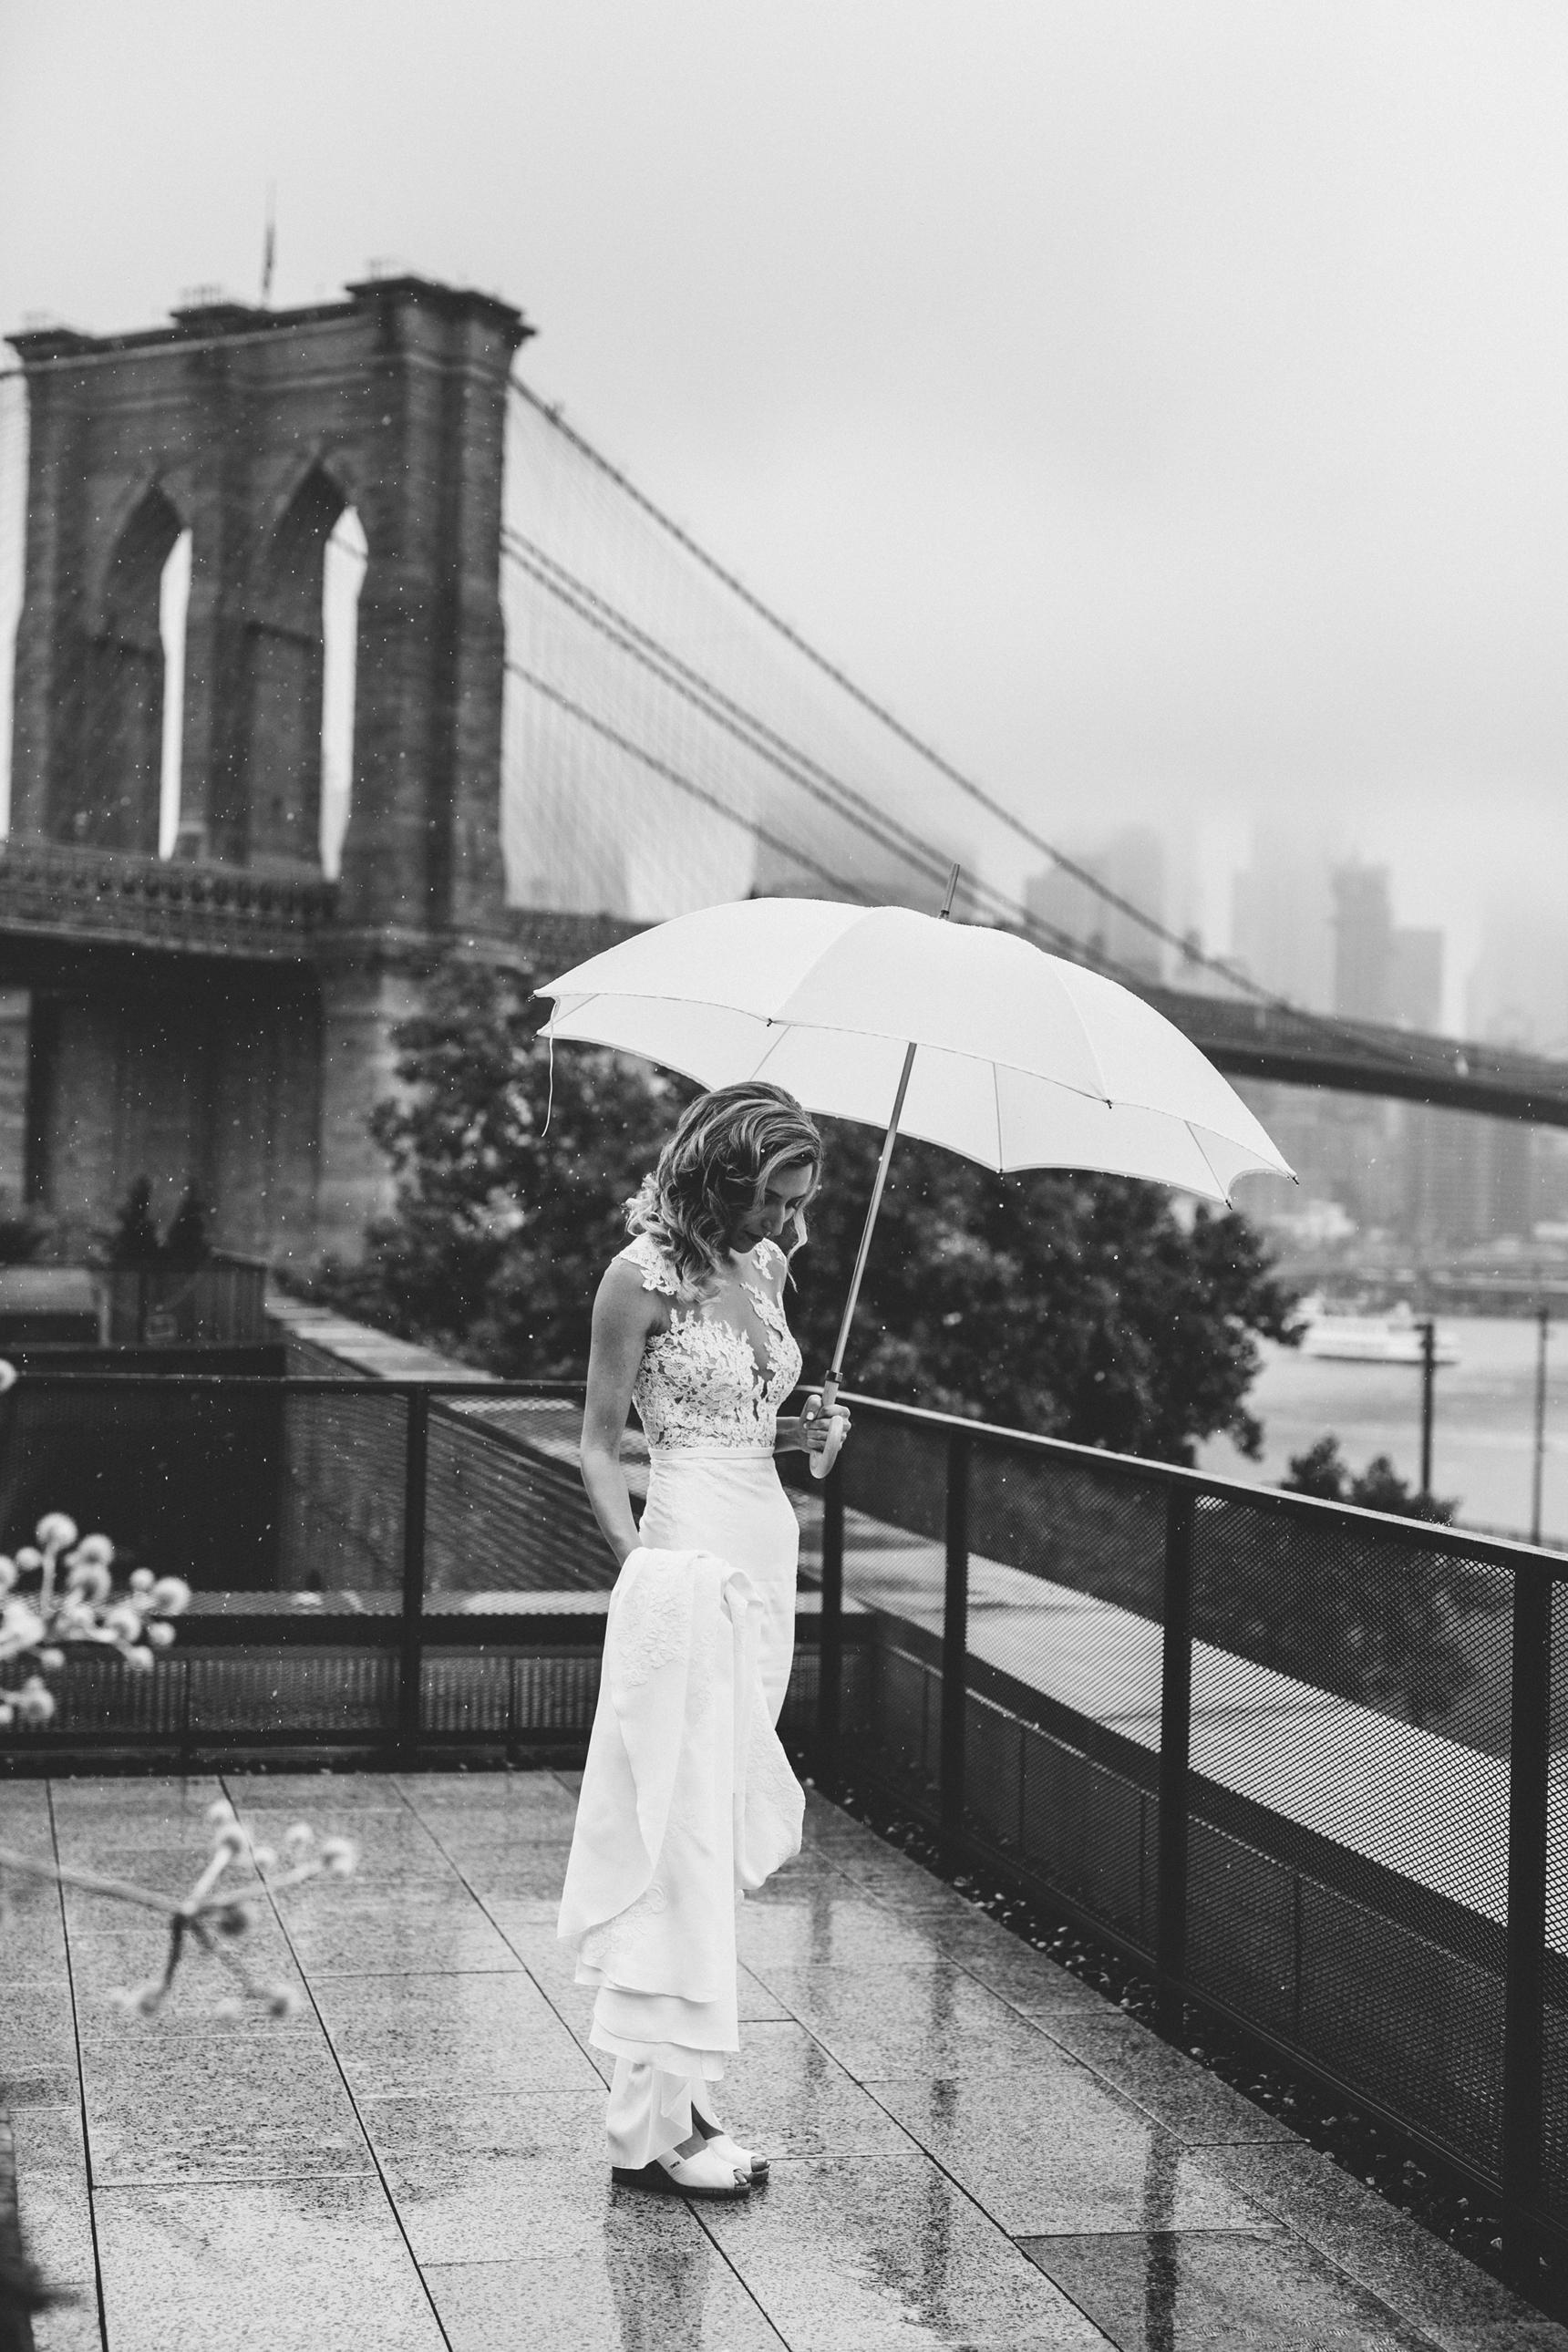 Jory_LoebBoathouse_CentralPark_NewYork_WeddingPhotographer033.jpg